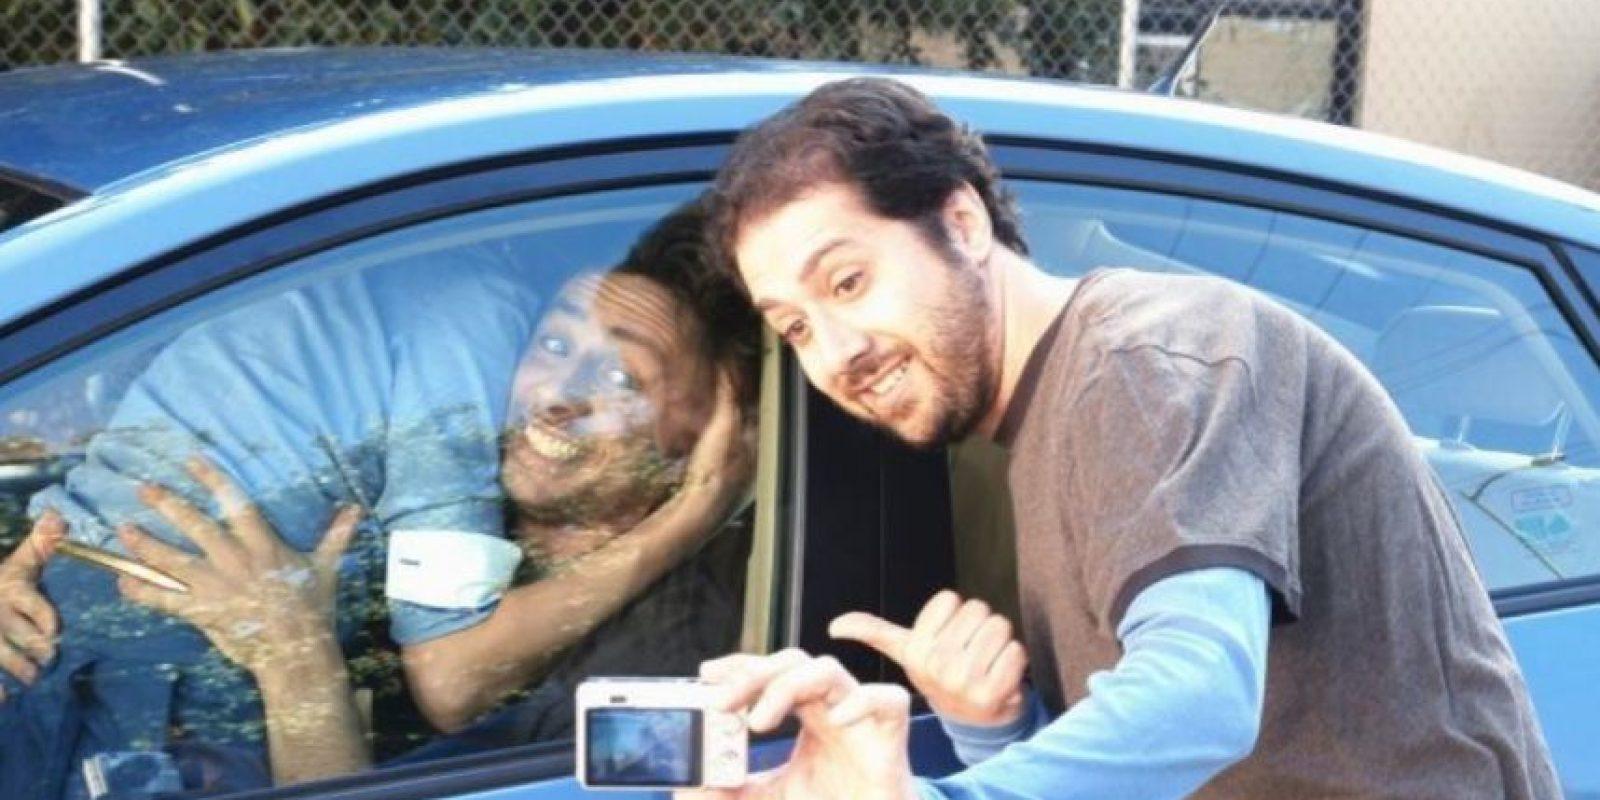 Para no ser detenidos por tener sexo dentro del auto, una pareja lo encerró y lo dejó prendido. De esta manera, los dos murieron ahogados por el monóxido de carbono que desprende el automotor. Foto:Fanpop. Imagen Por: